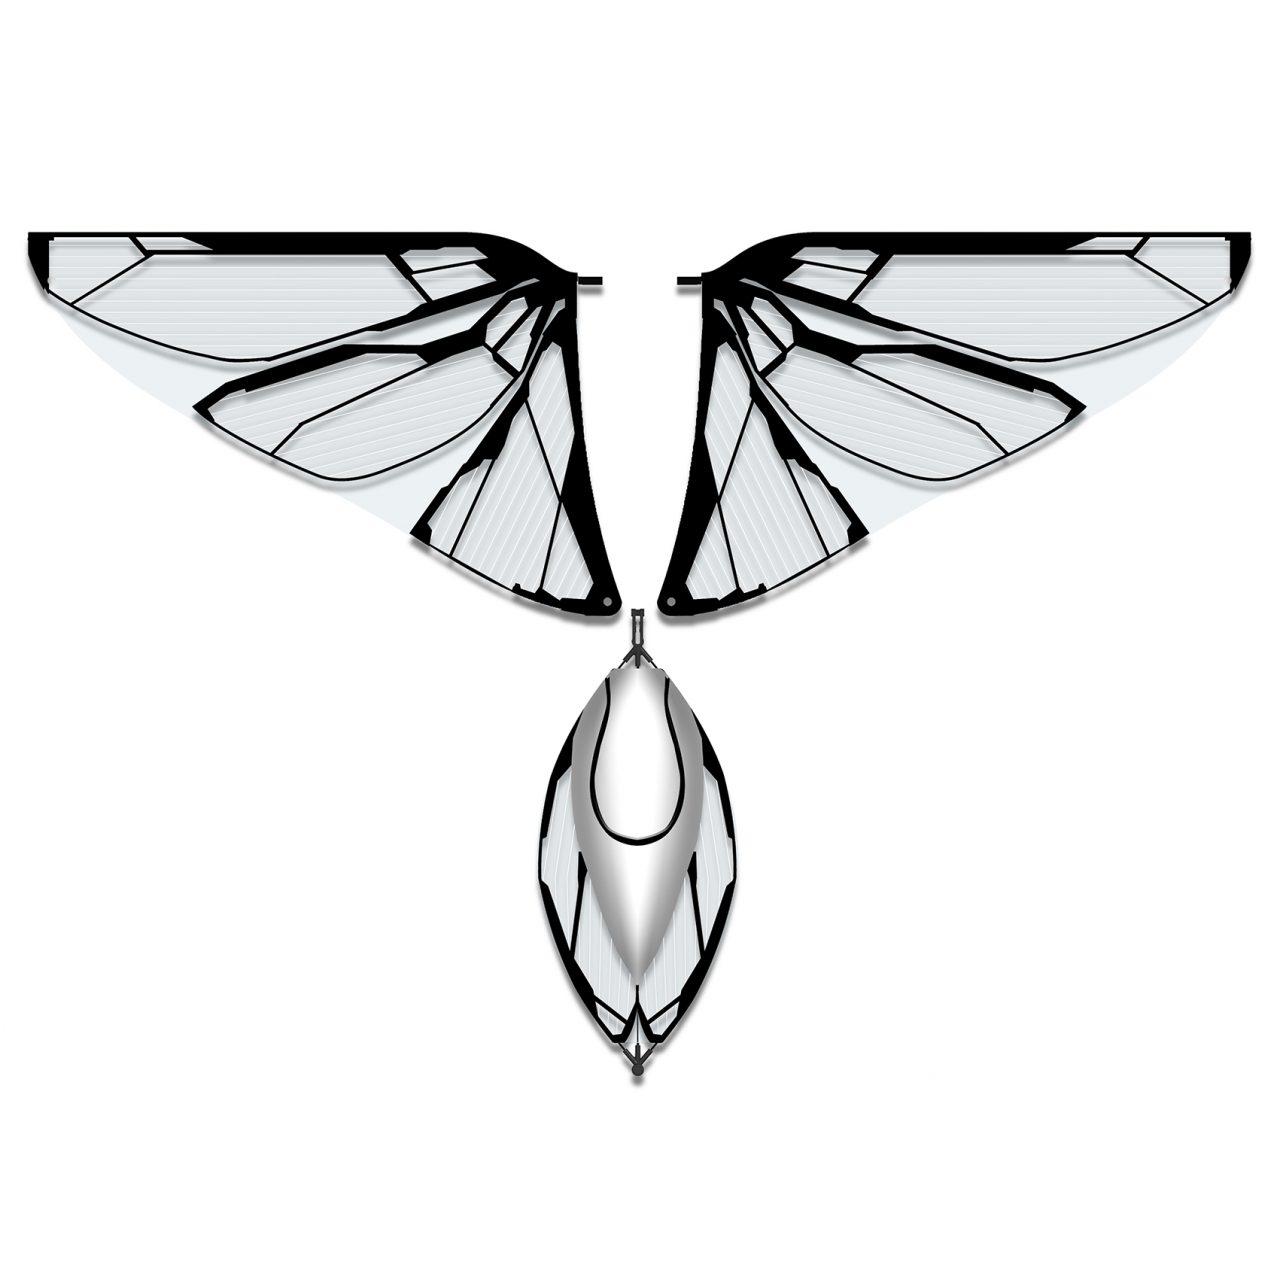 MetaFly standard wings